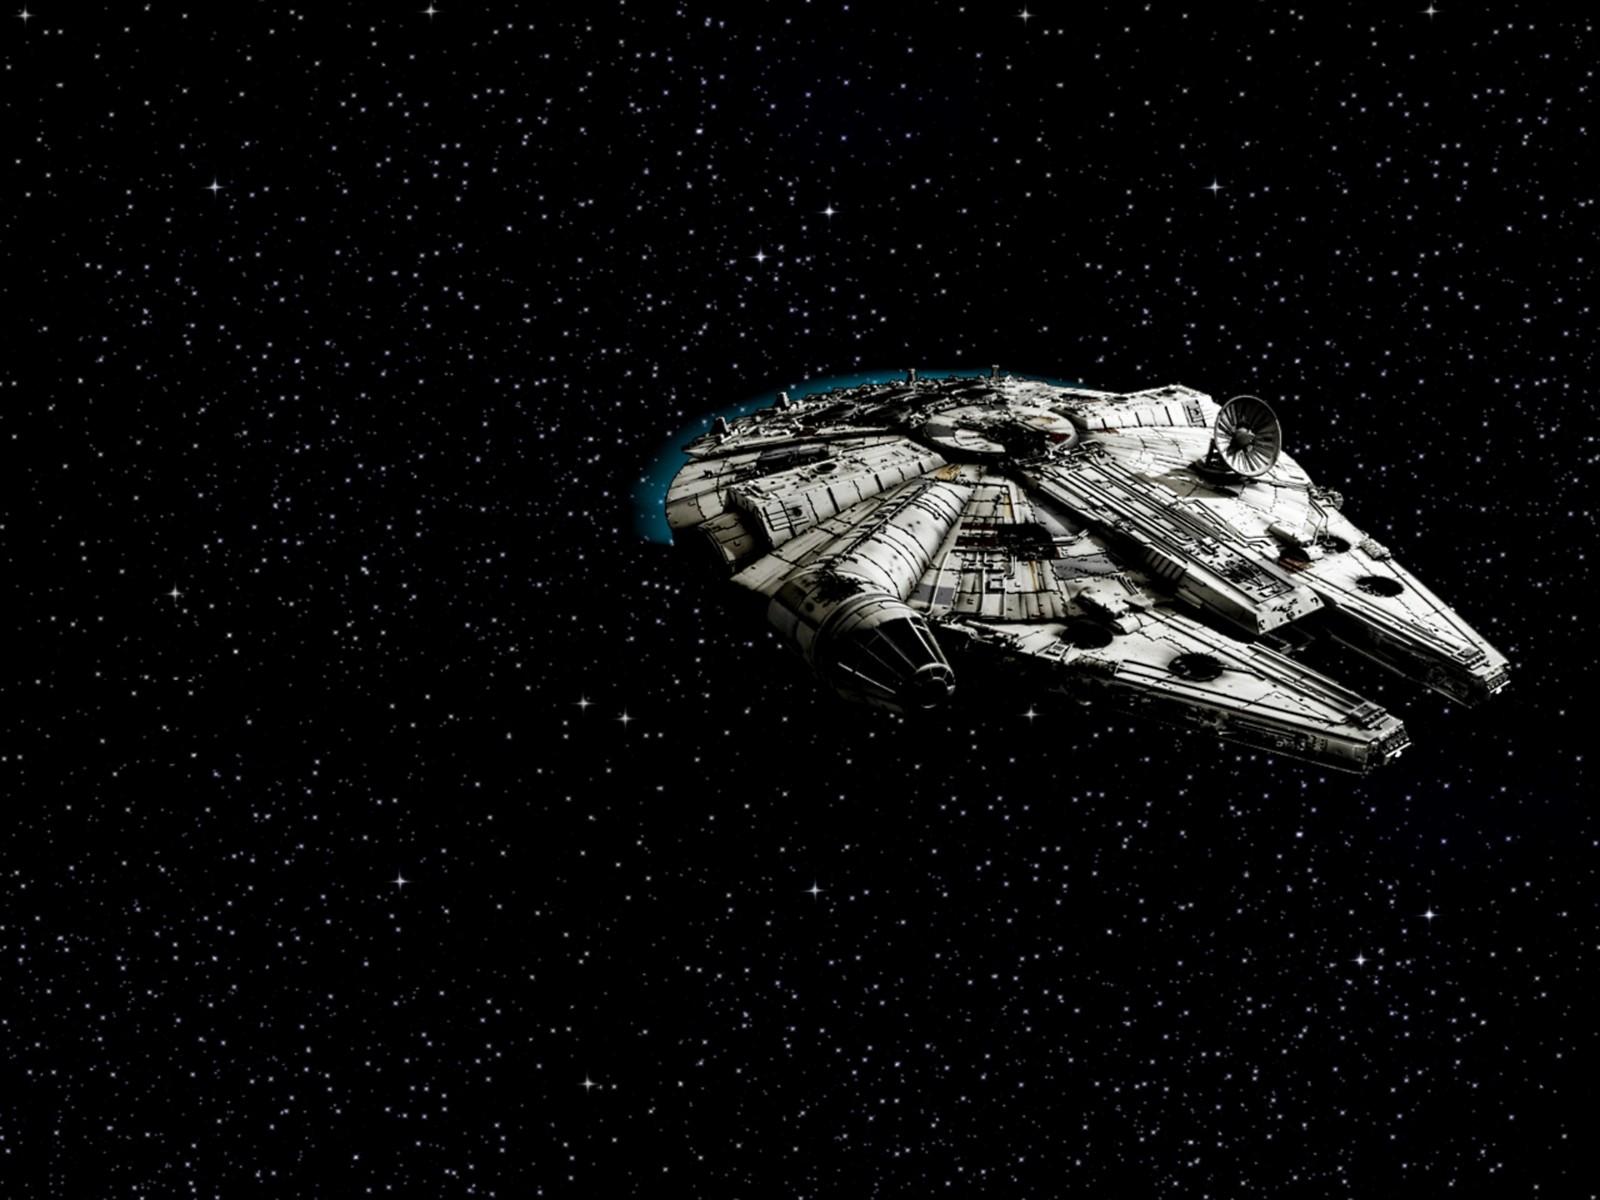 Картинка корабль из звездных войн